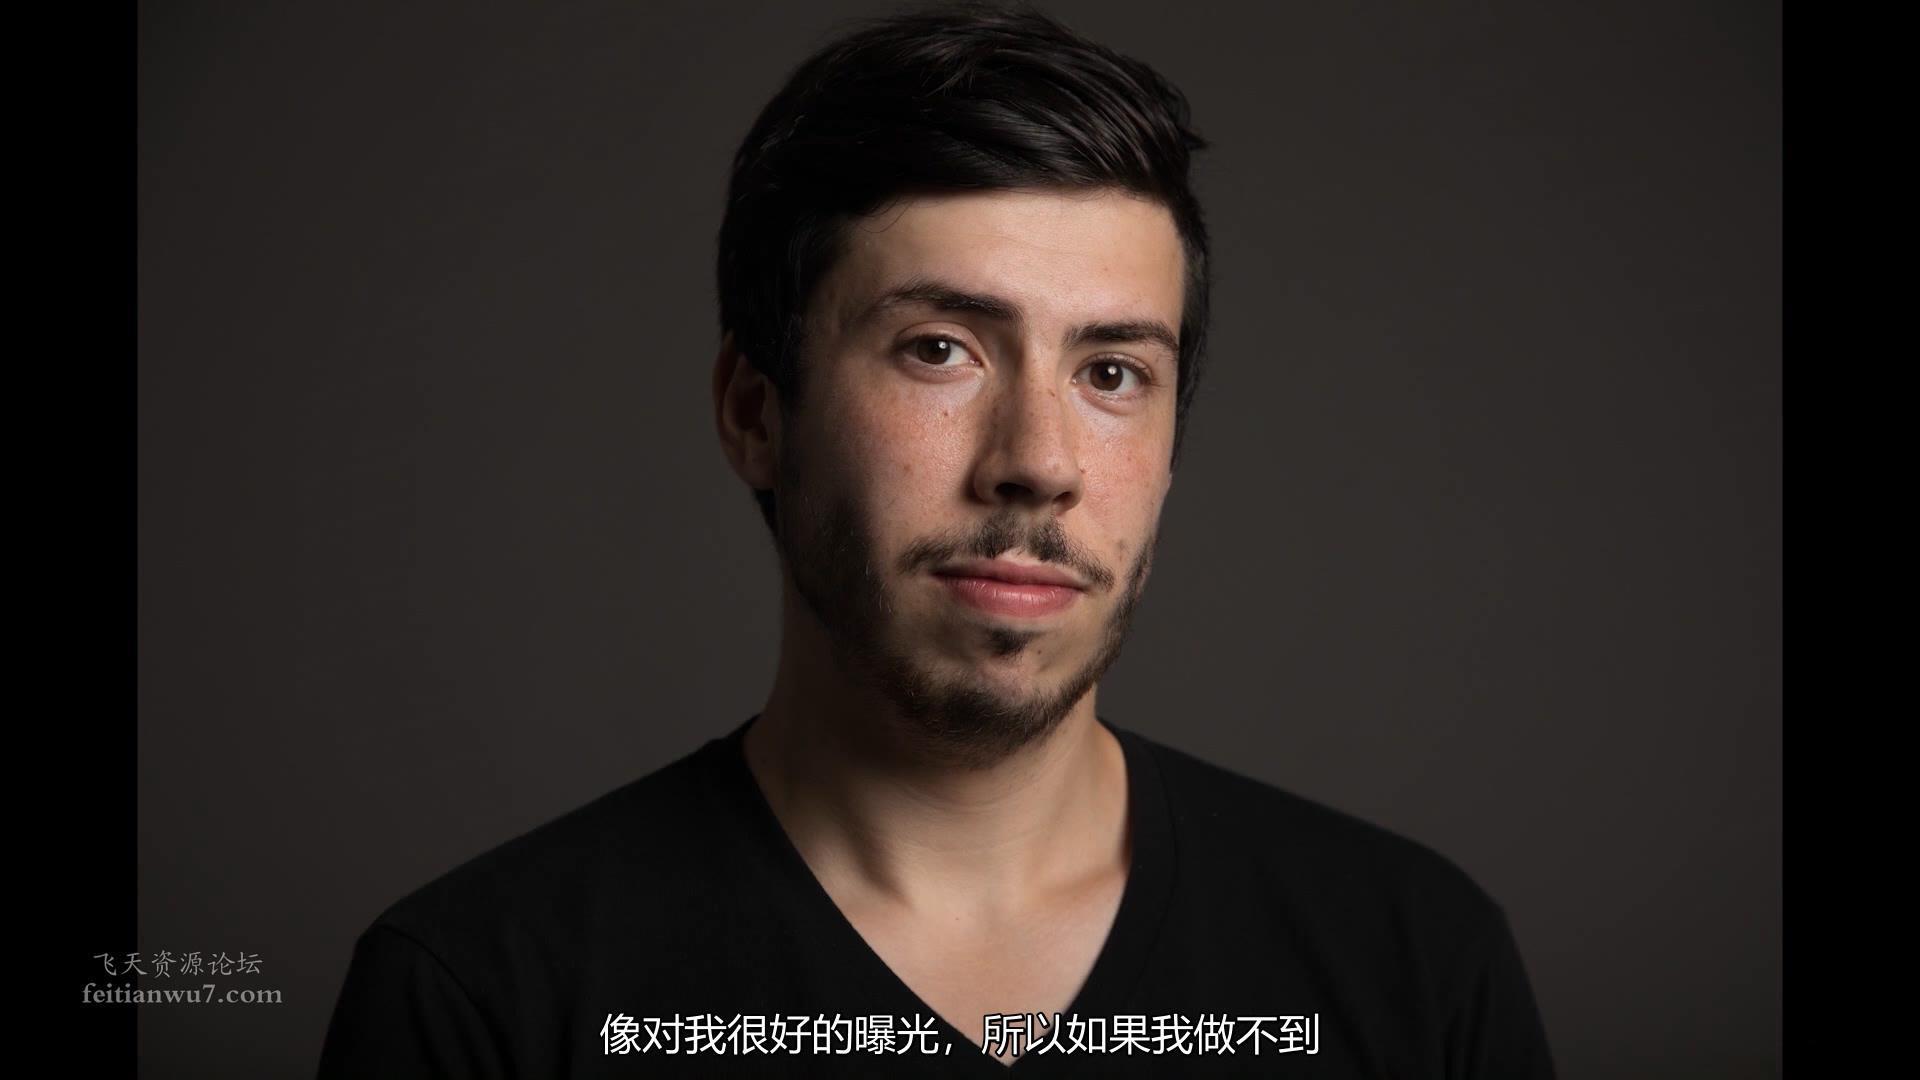 摄影教程_Lindsay Adler为期10周的工作室棚拍布光大师班教程-中文字幕 摄影教程 _预览图27